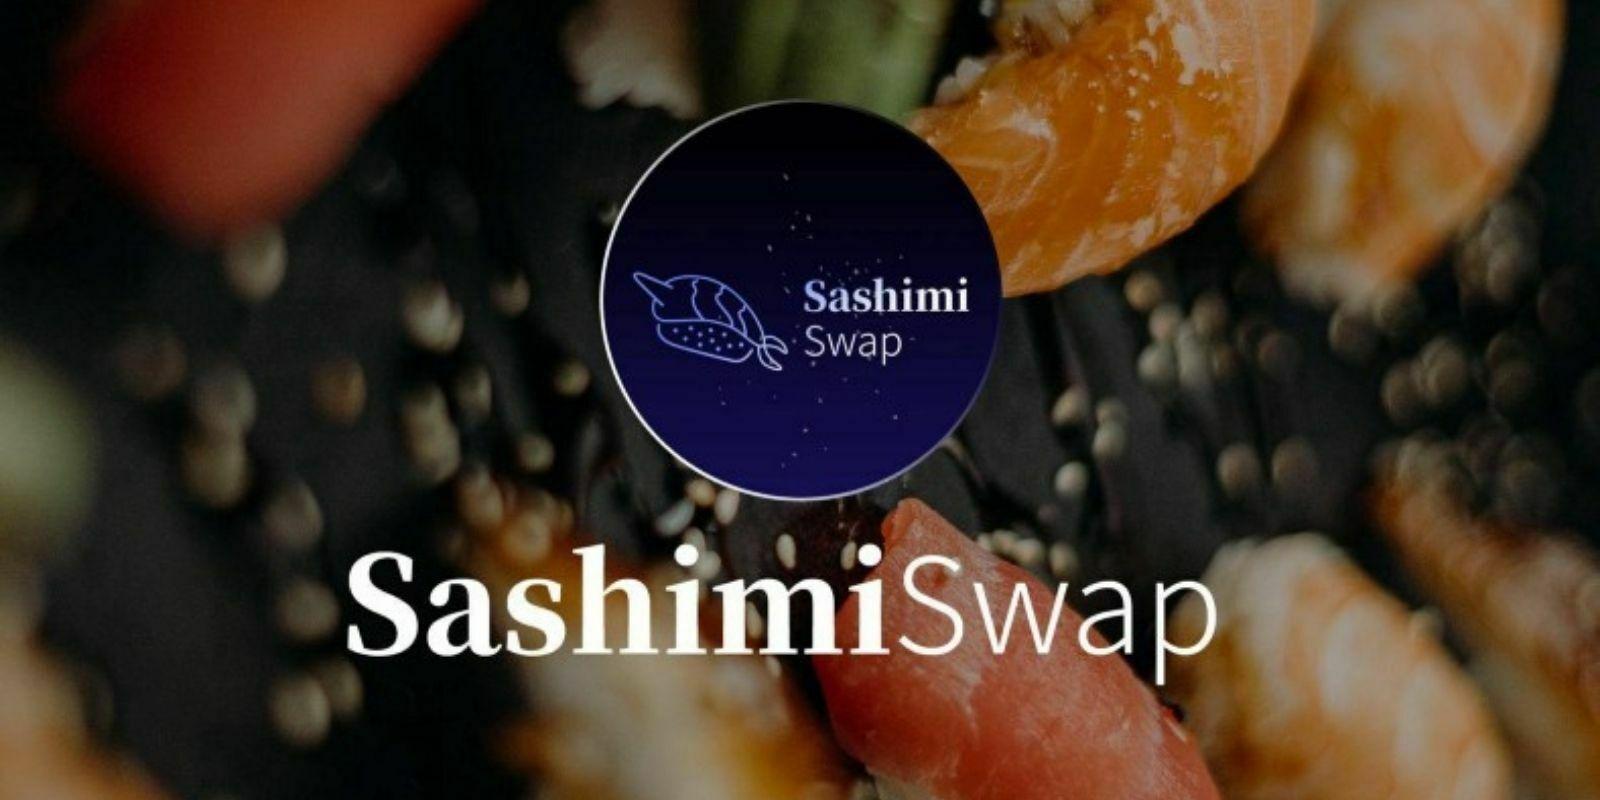 Le projet Aelf lance SashimiSwap, une version « équitable » de SushiSwap